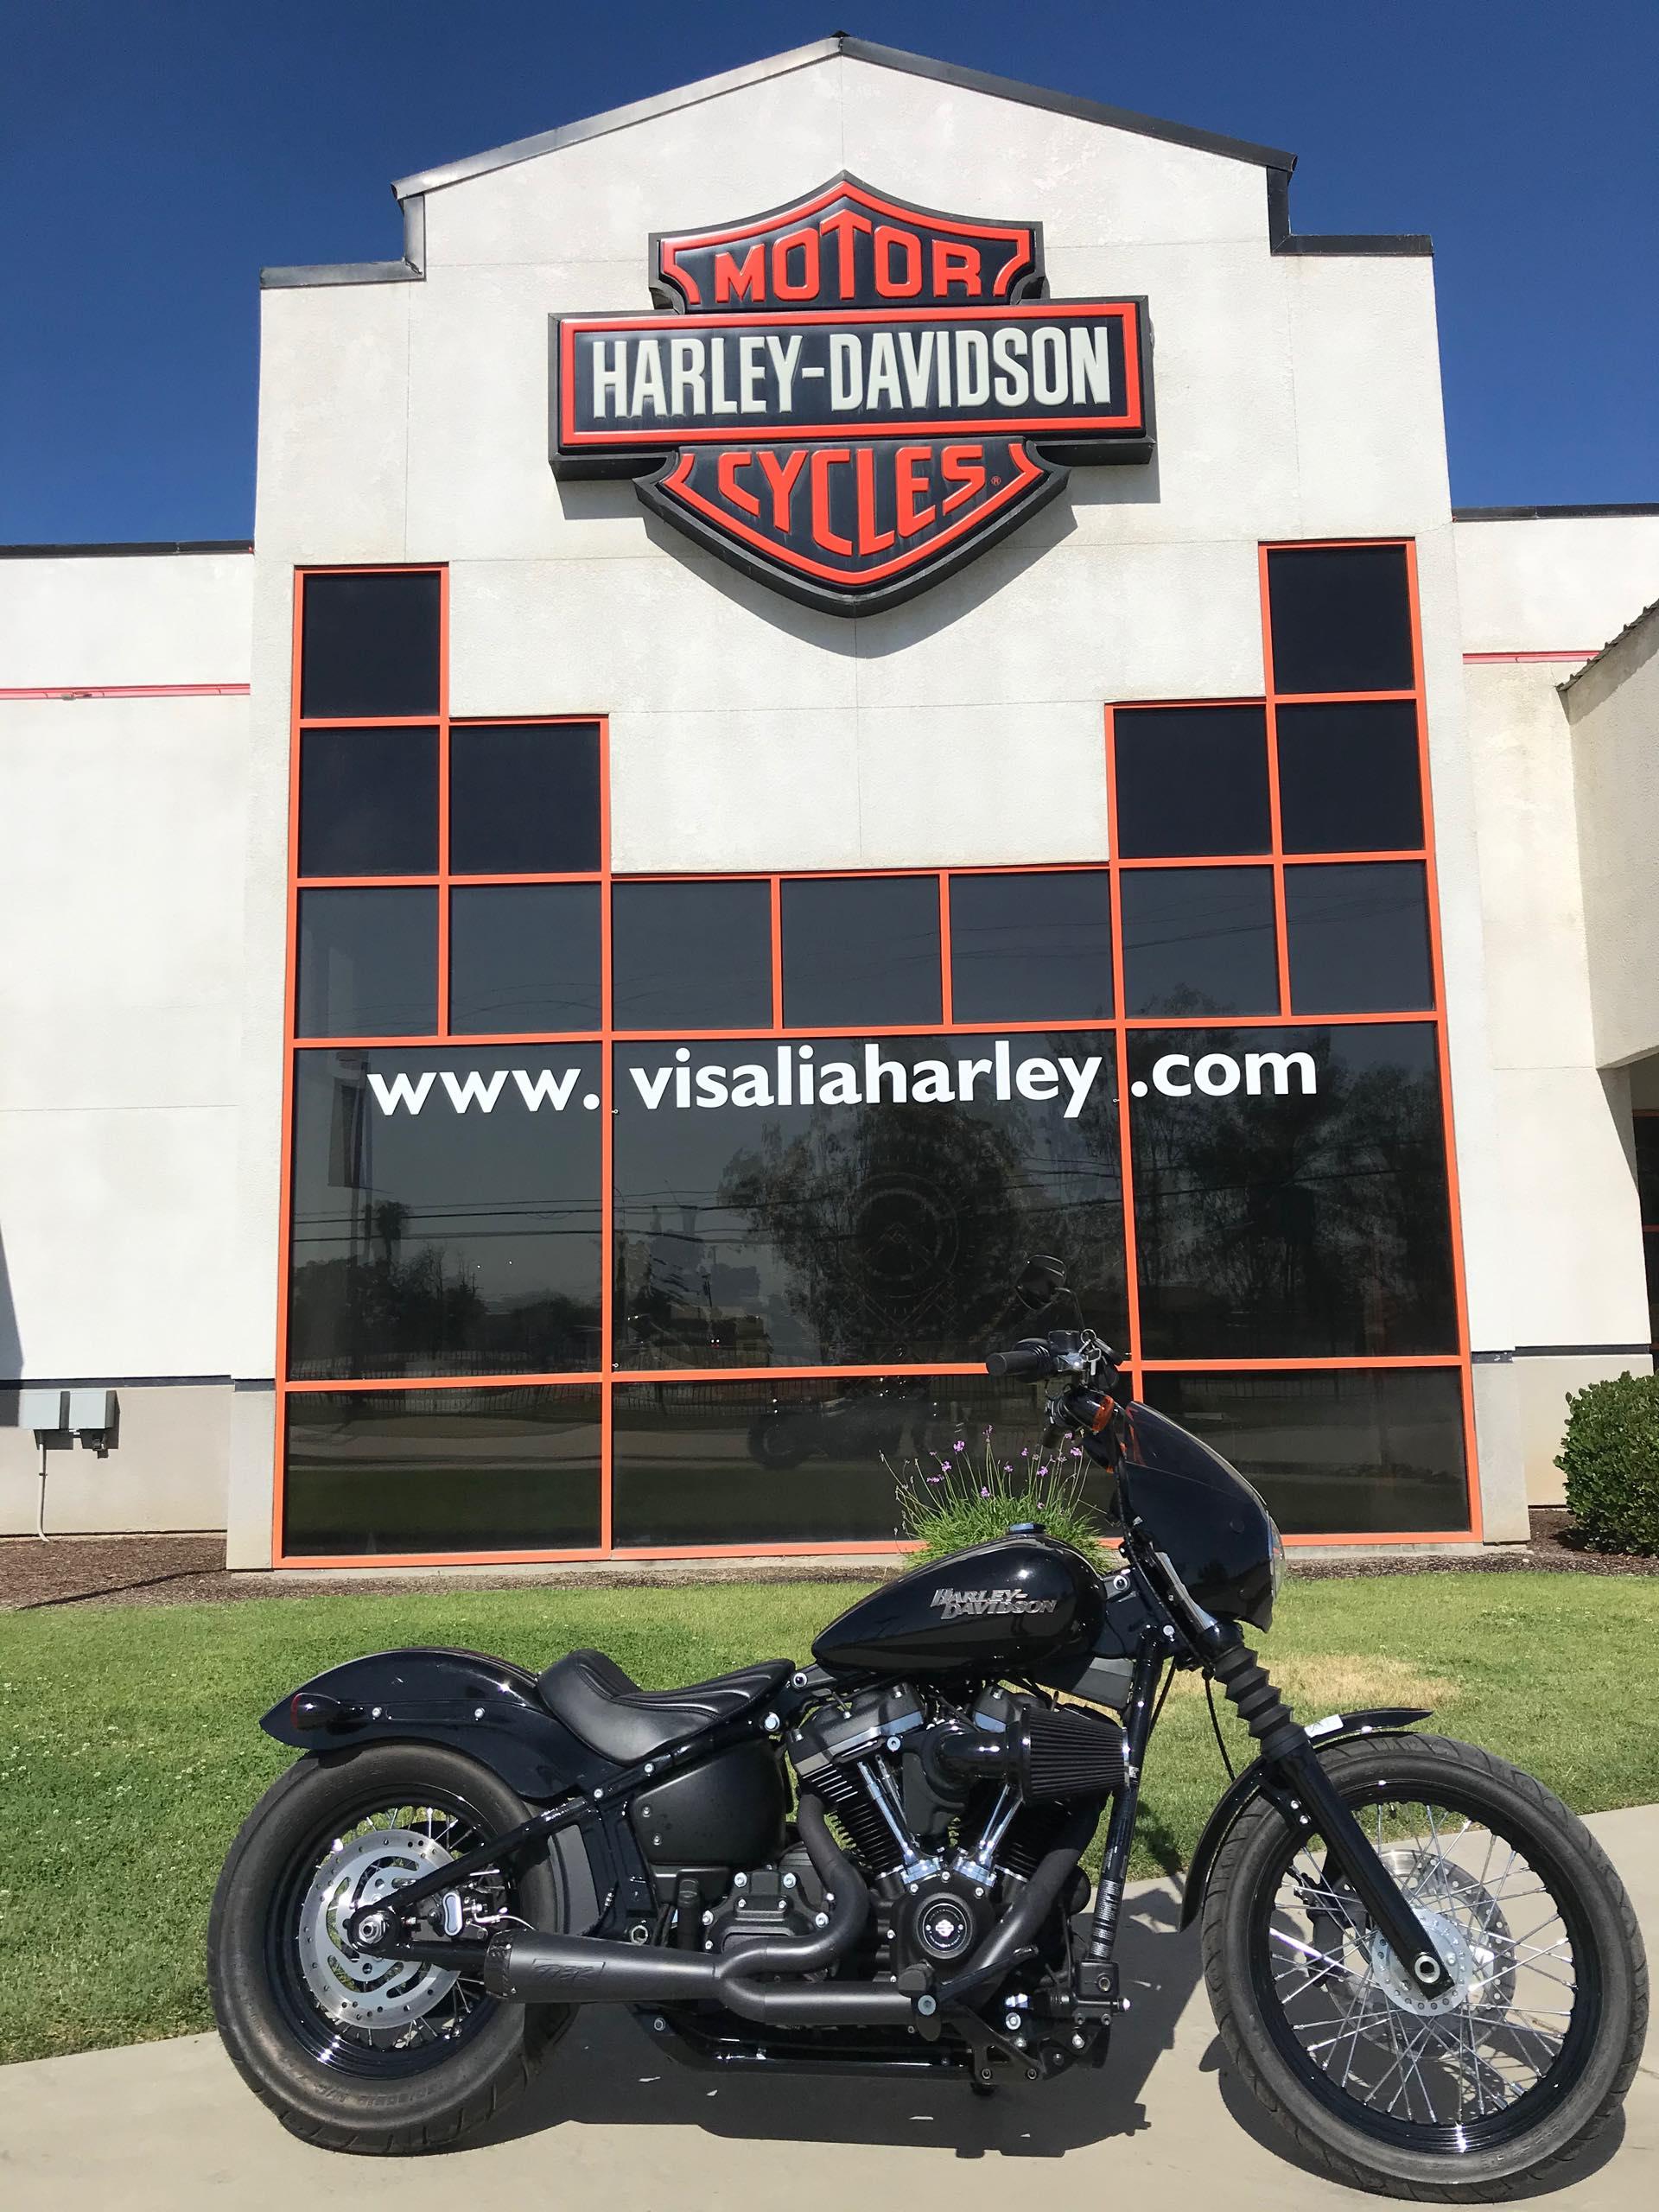 2018 Harley-Davidson Softail Street Bob at Visalia Harley-Davidson